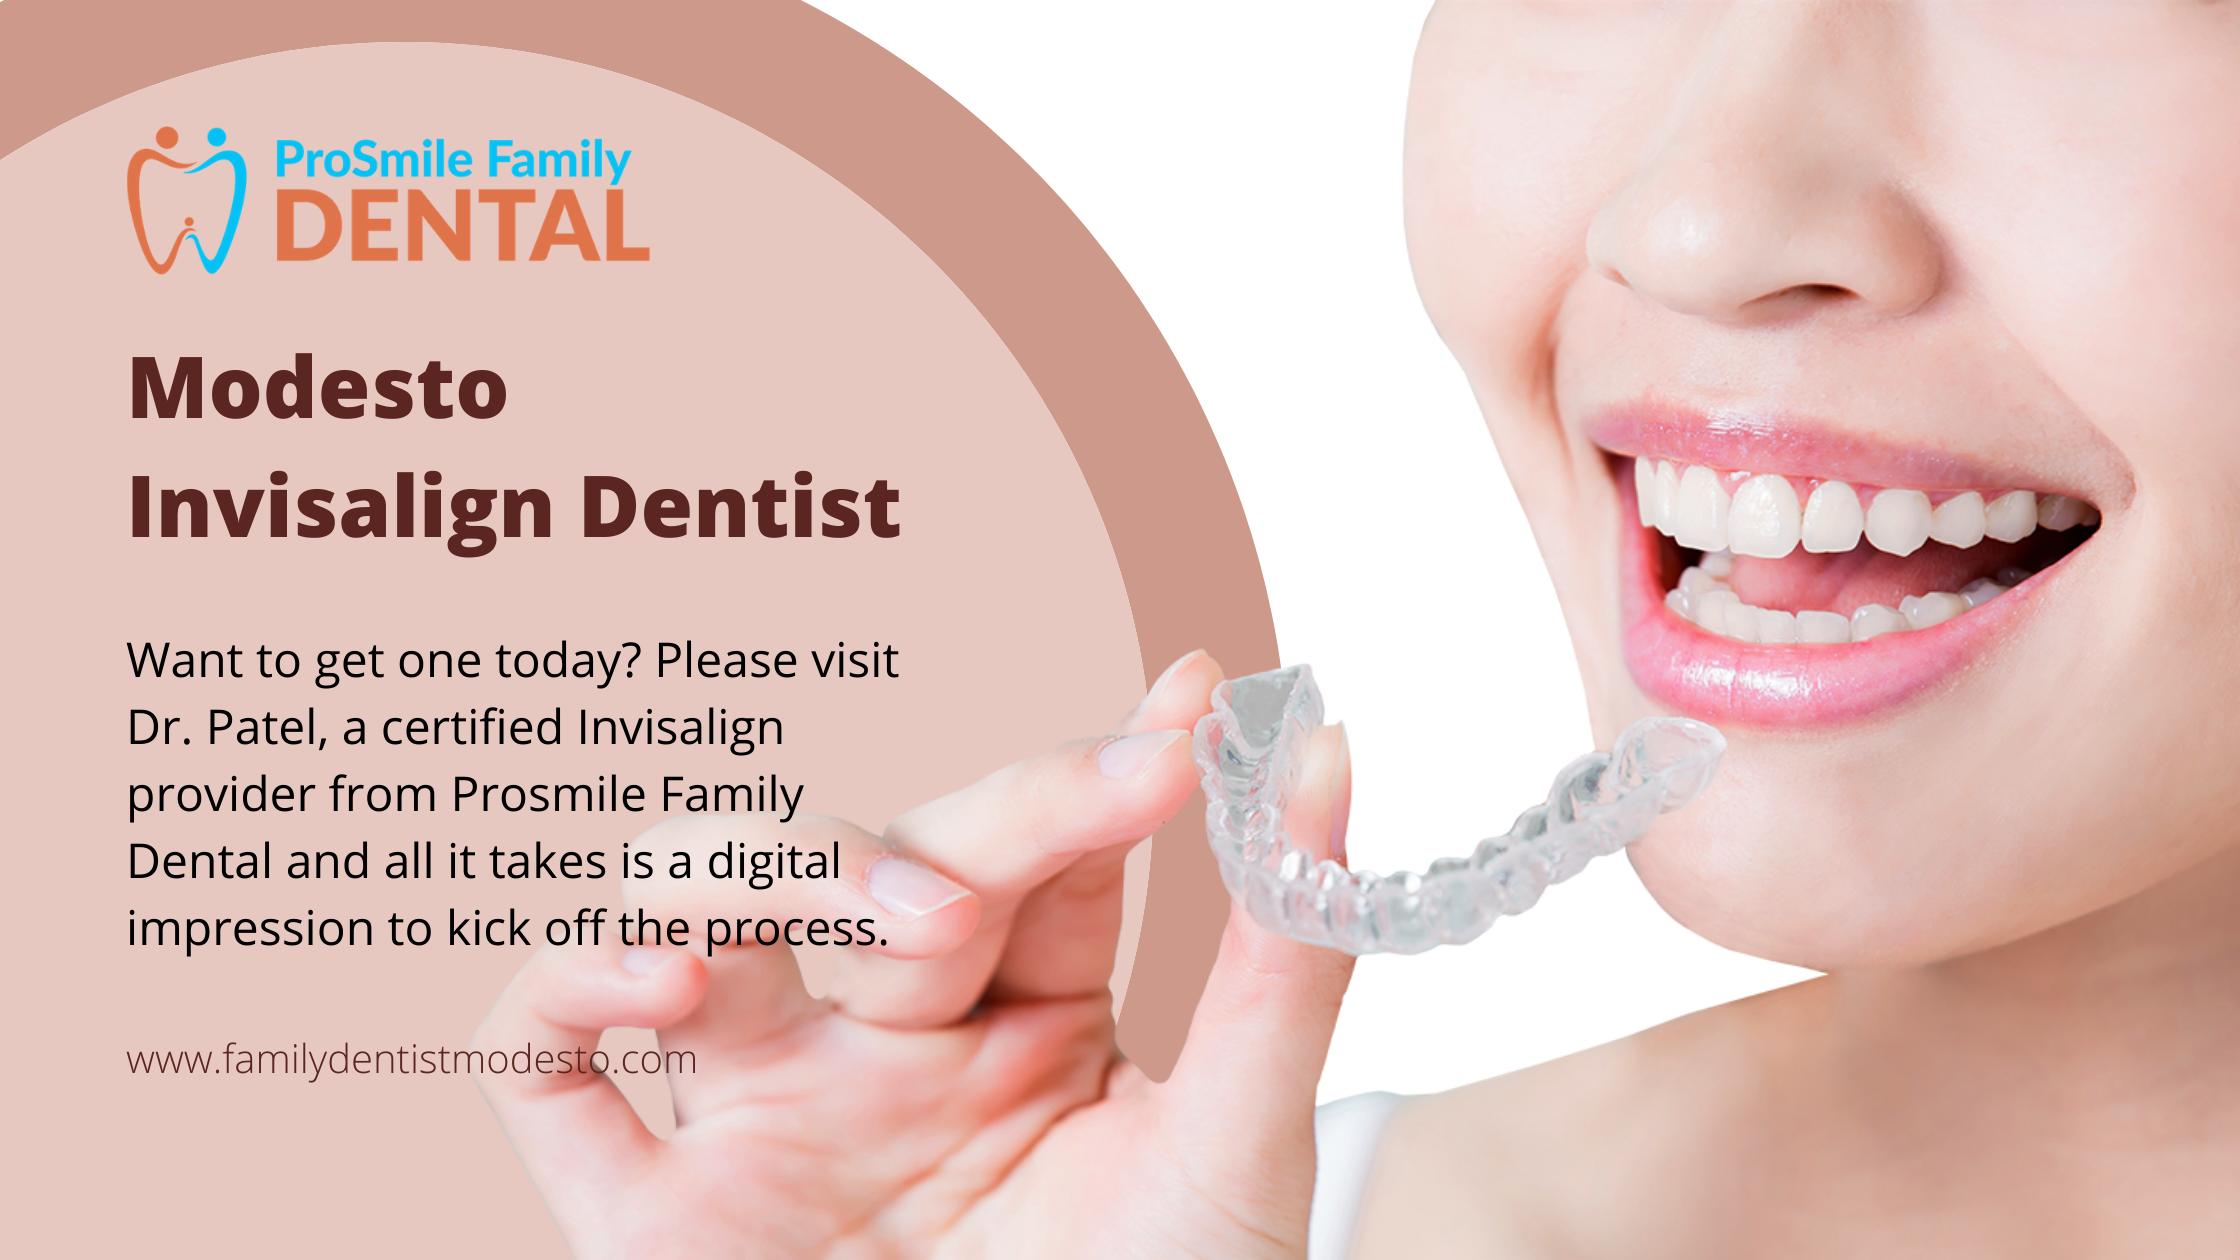 Modesto Invisalign Dentist | Dentist Modesto